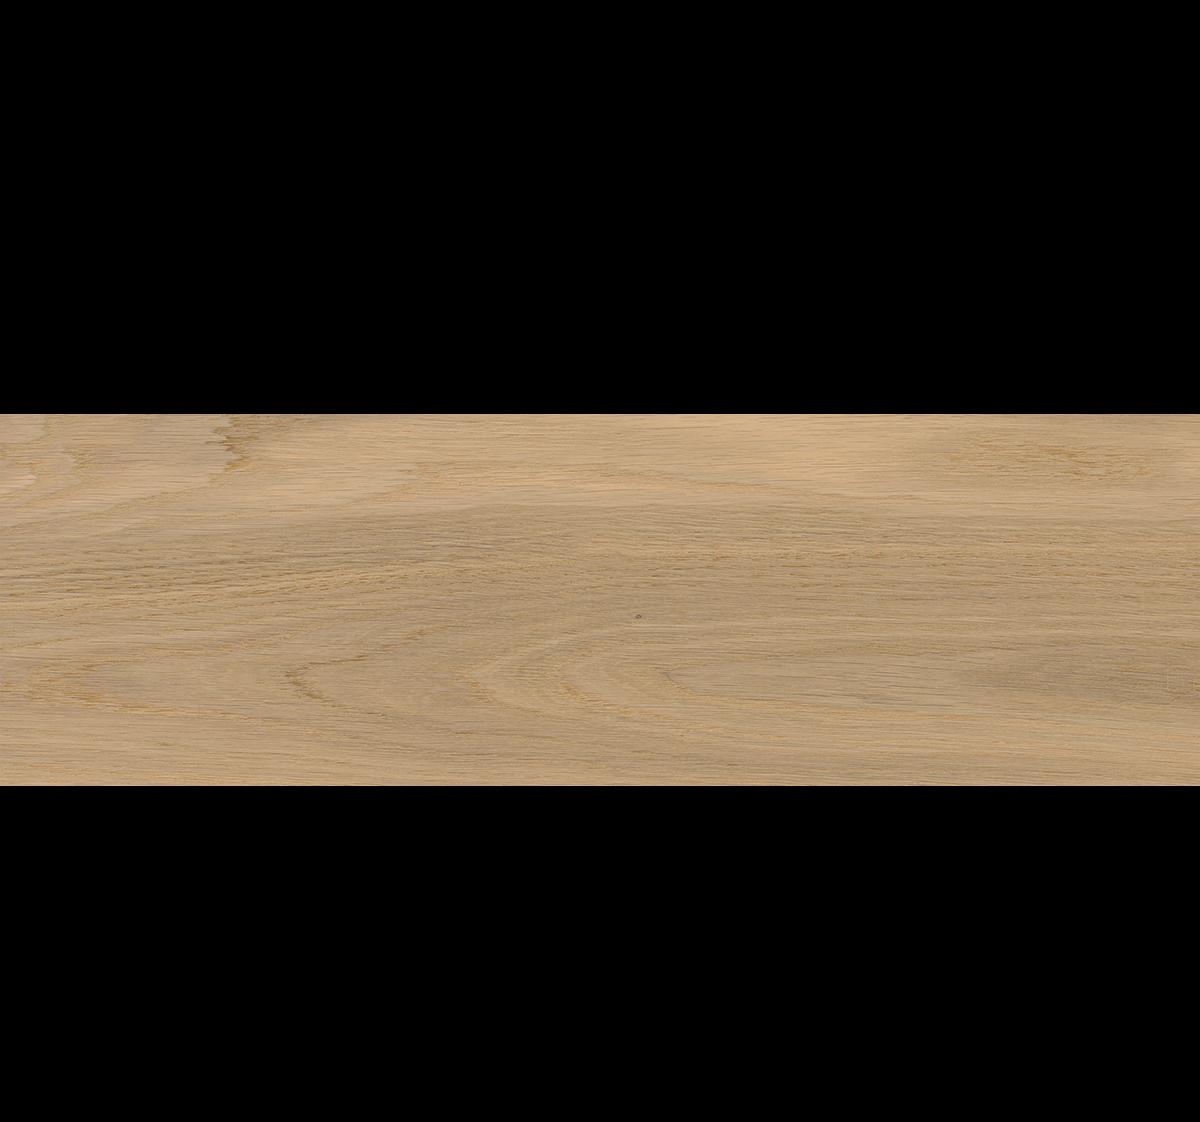 Плитка Cersanit Chesterwood Beige 18.5x59.8